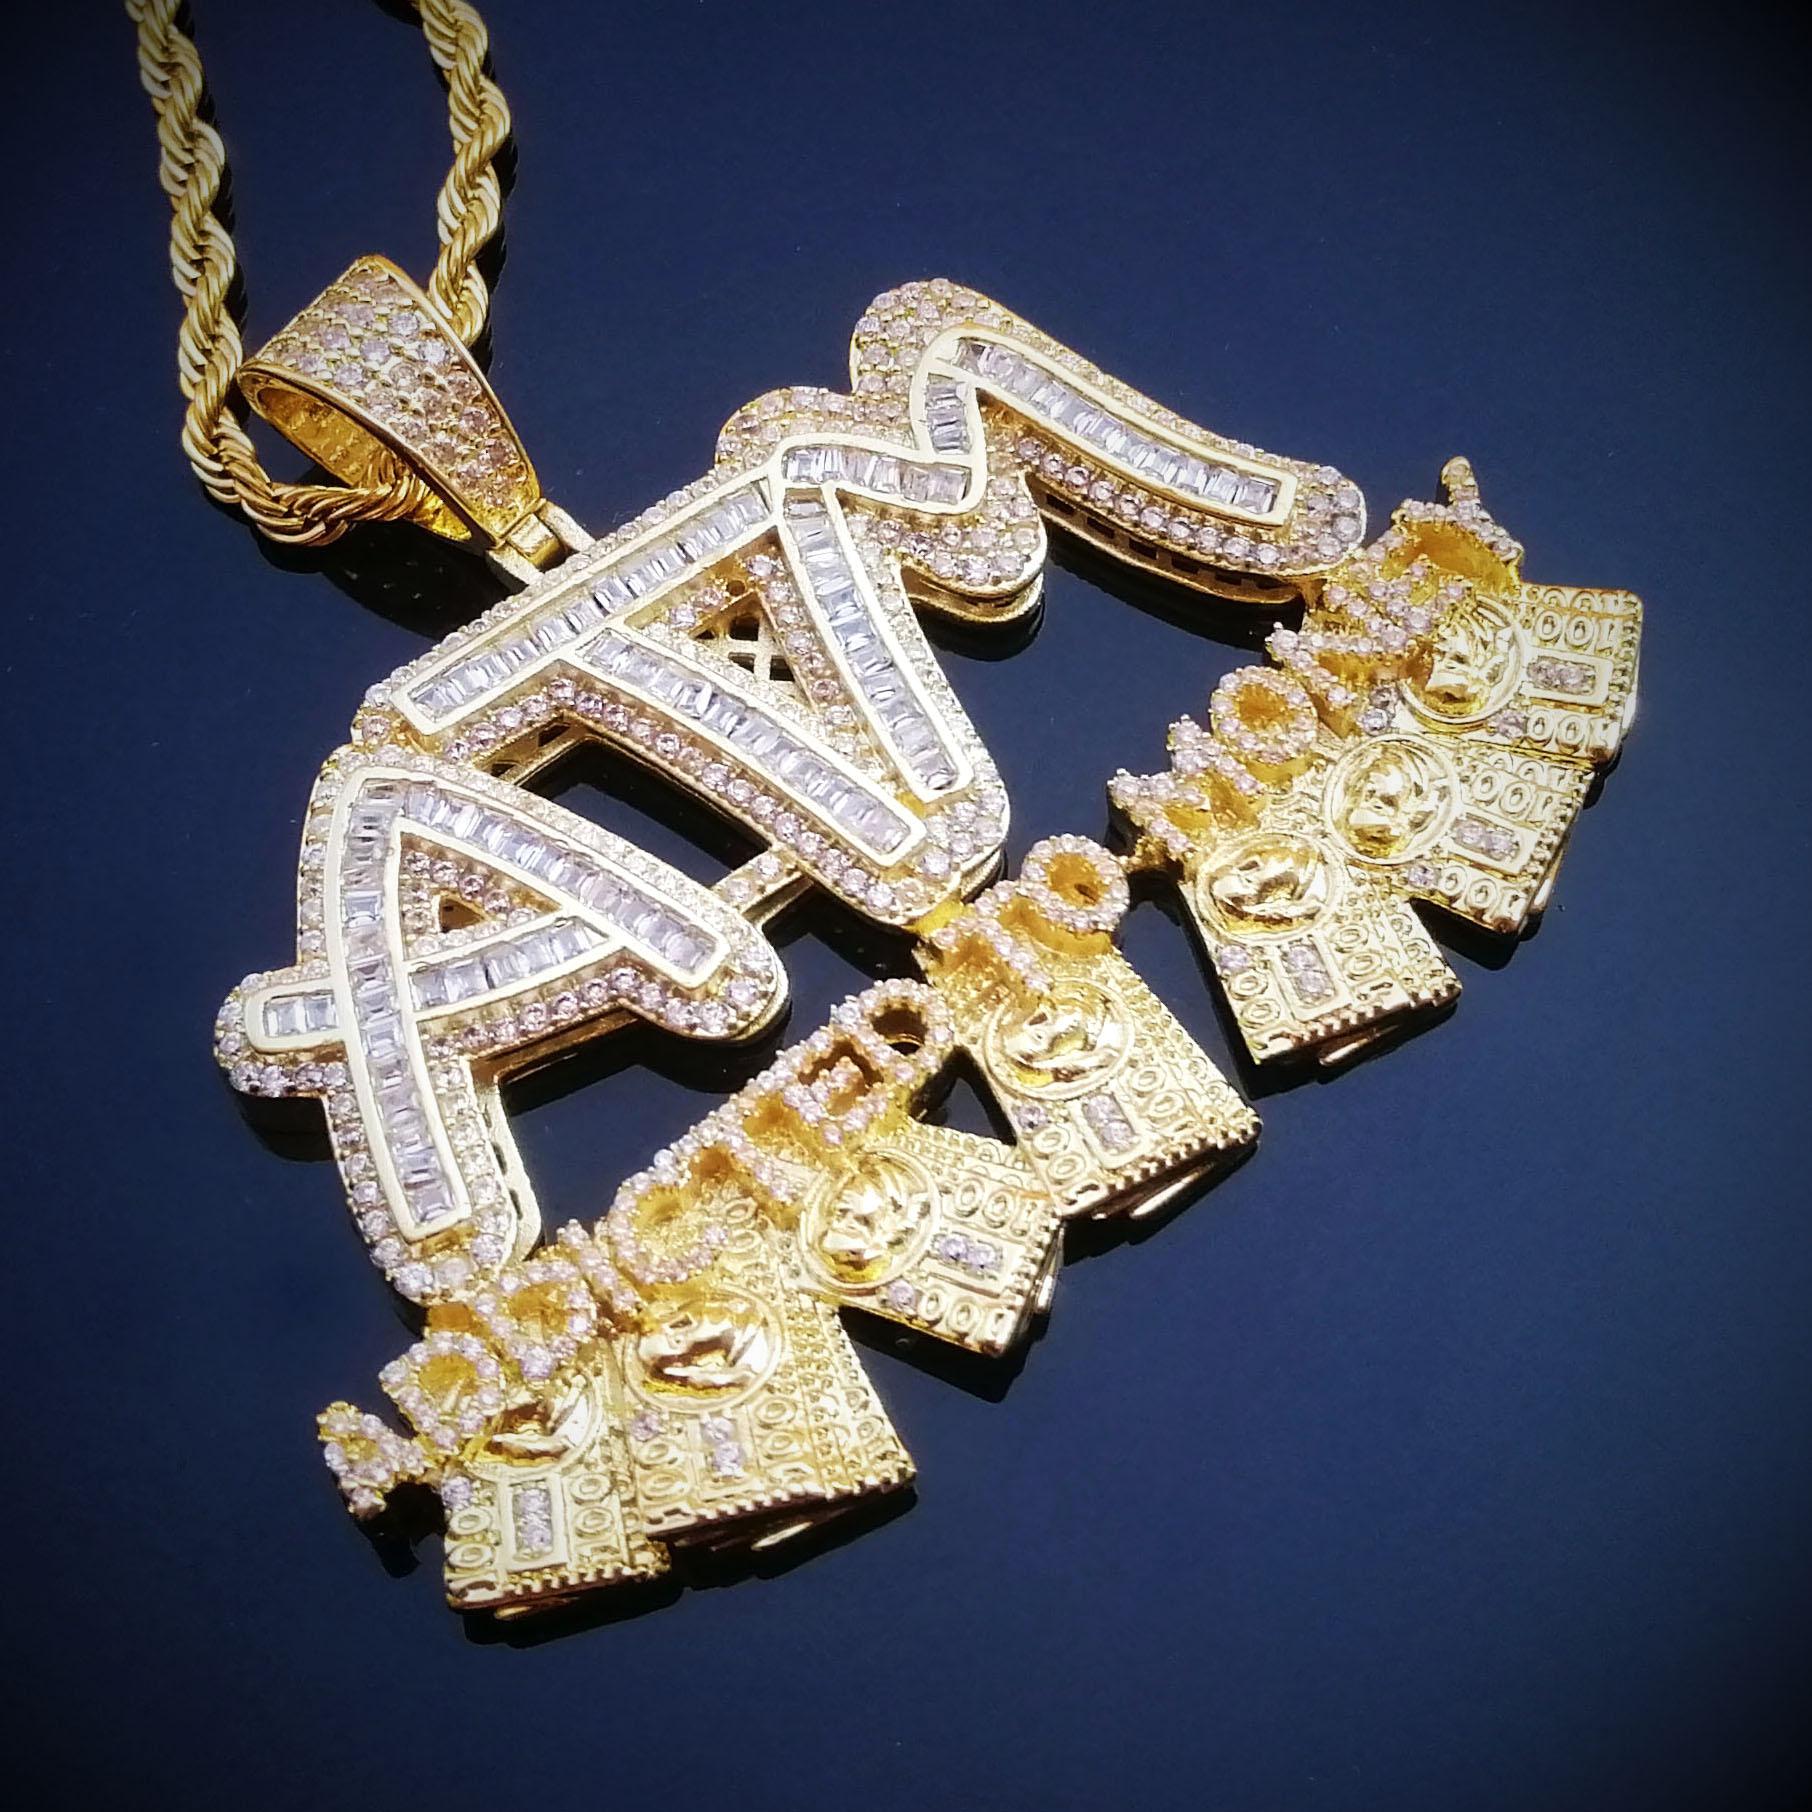 Collares con letras Iced Out ATM adicto a la pendiente de dinero, 2 colores AAA Zircon hip hop para hombres, regalos de joyería